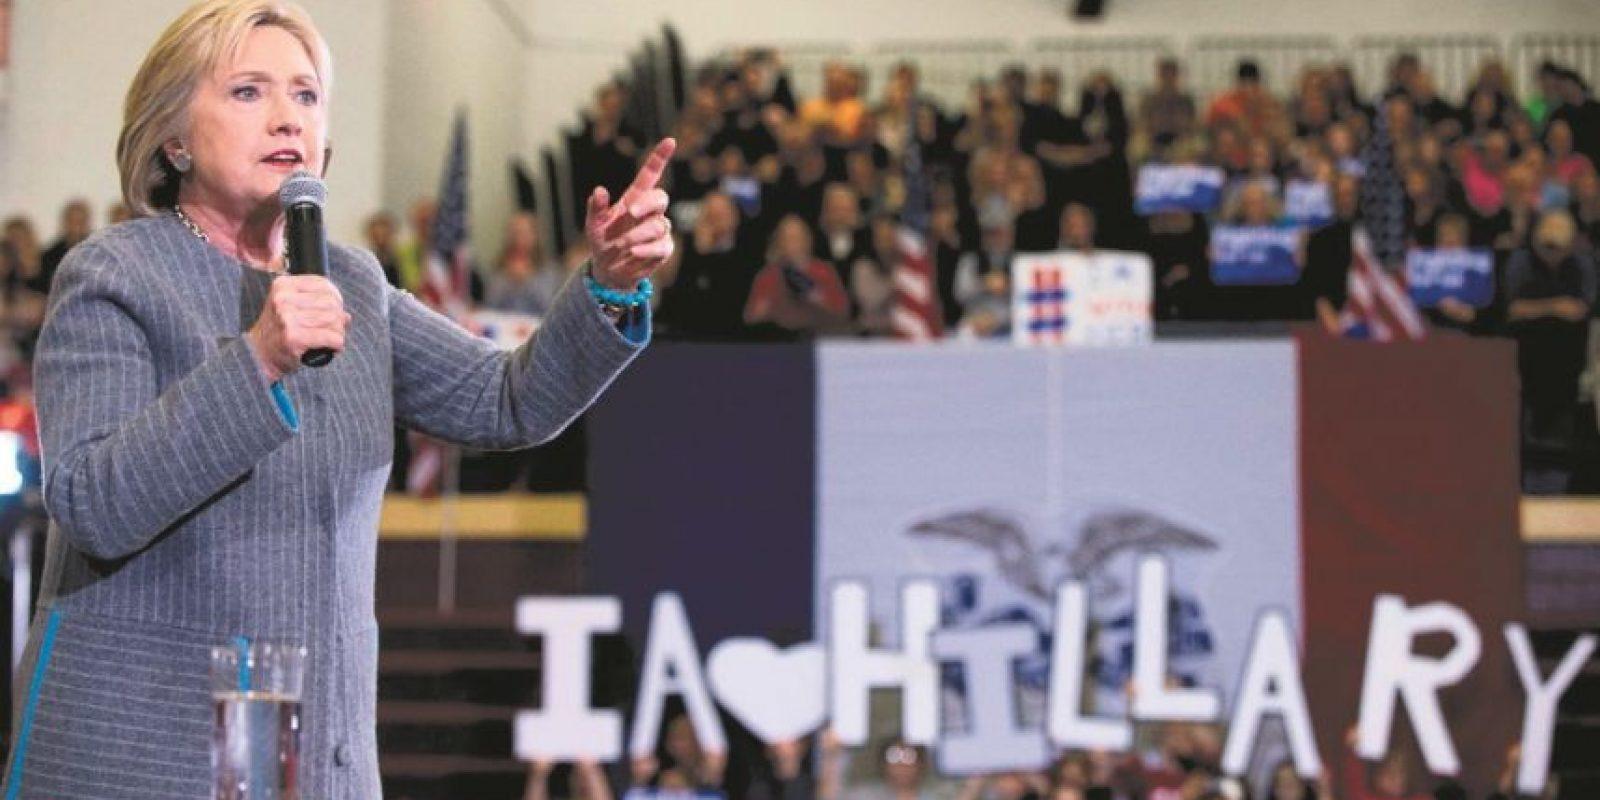 En Nueva York, Hillary obtuvo 139 delegados frente a 106 de Bernie Sanders. Foto:Fuente externa